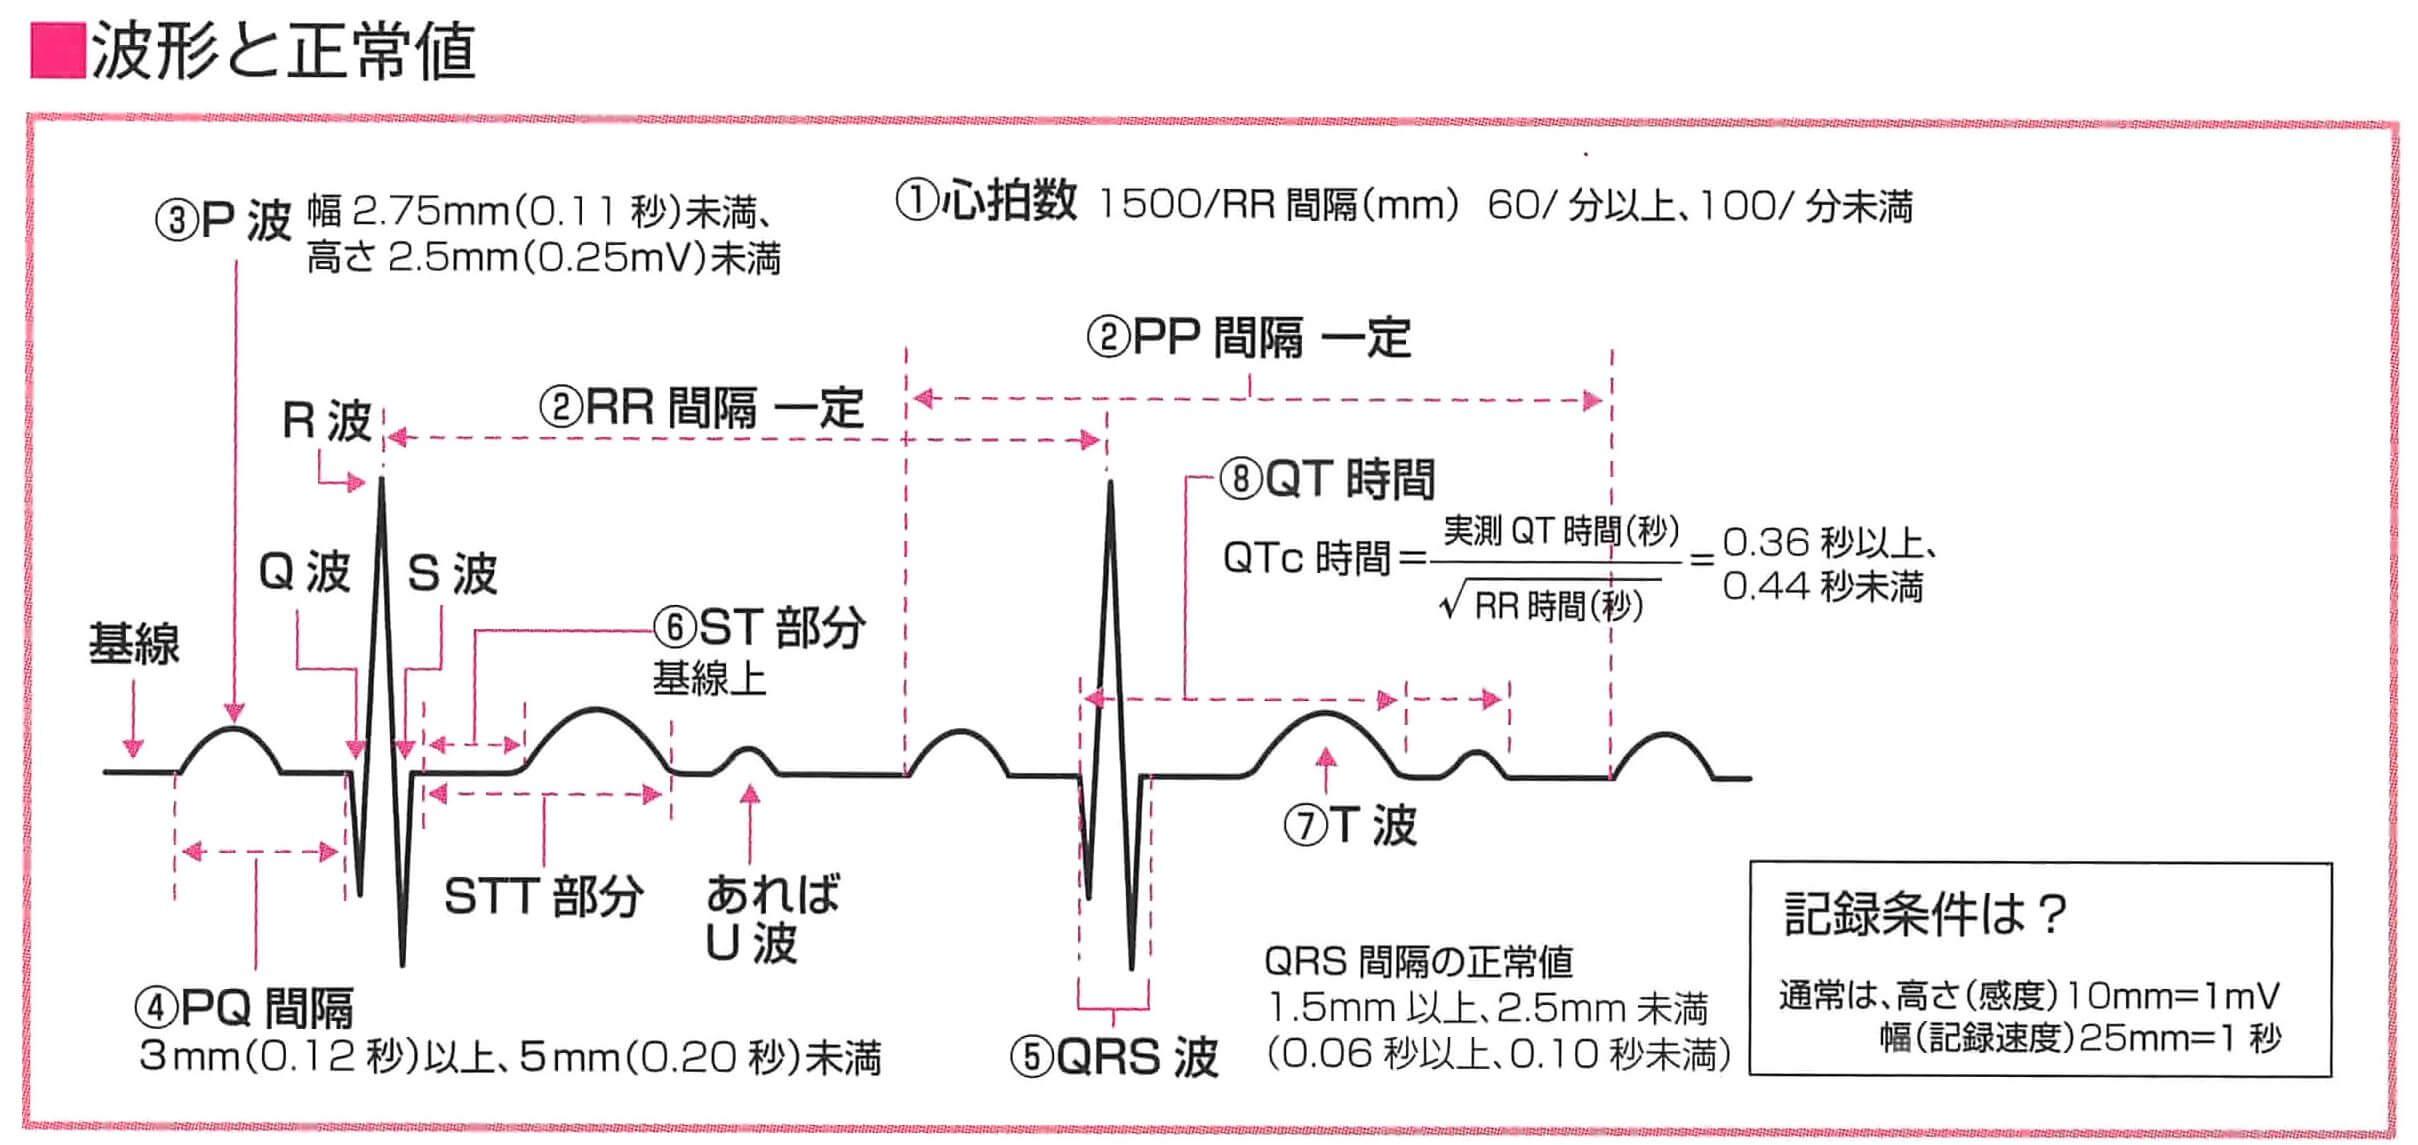 正常波形の名称と正常値